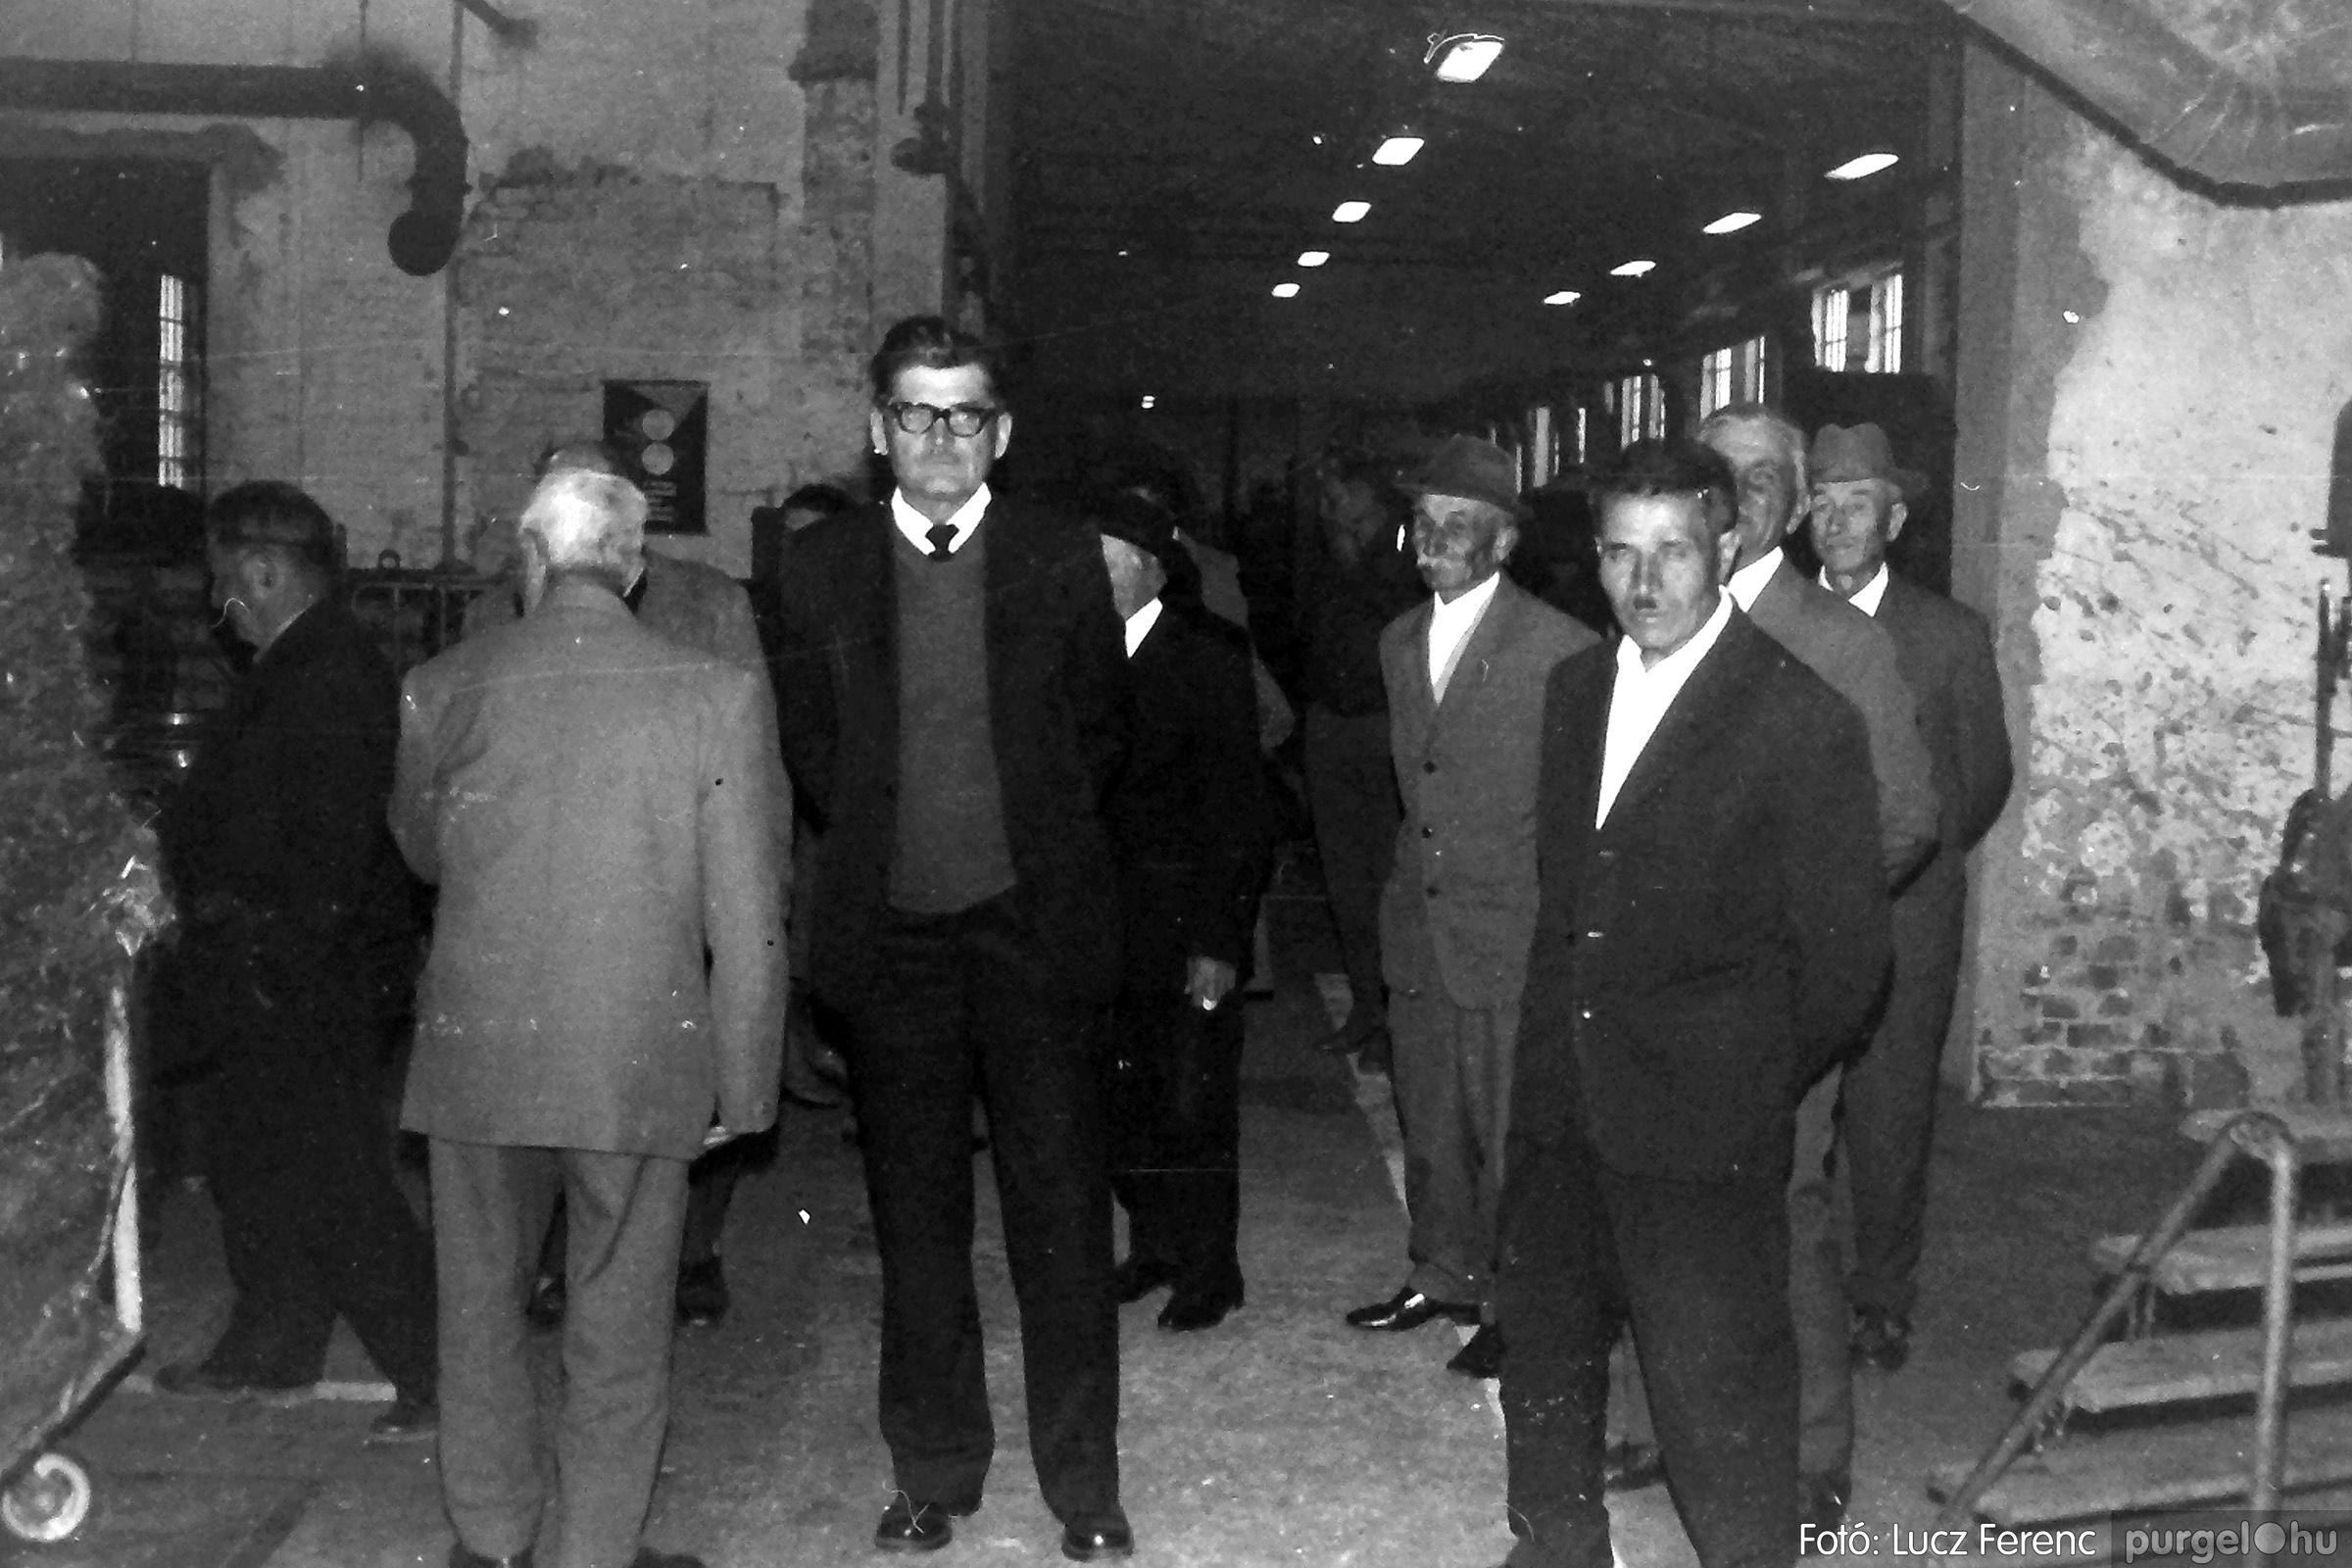 088A. 1977. Nyugdíjas találkozó a Kendergyárban 011. - Fotó: Lucz Ferenc.jpg